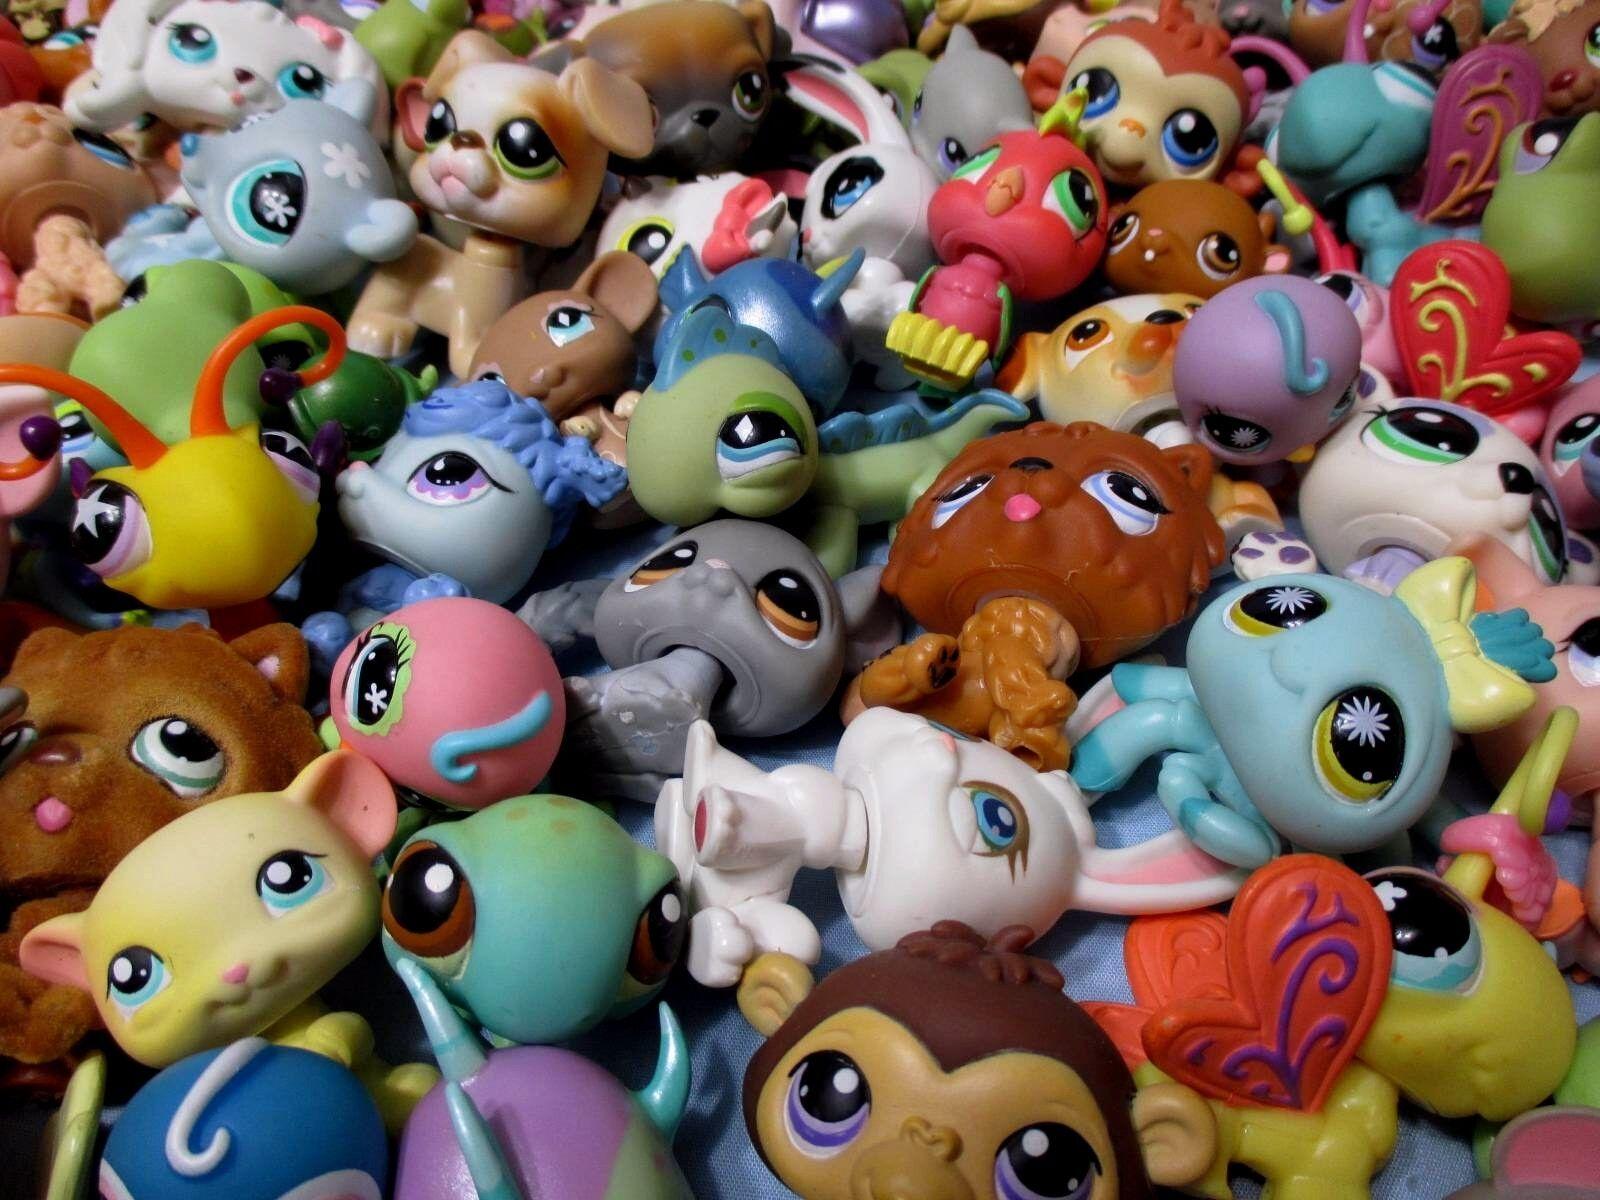 Littlest Pet Shop Mixed Lot 10 Pcs Surprise Random Pet Figures 100%Authentic LPS